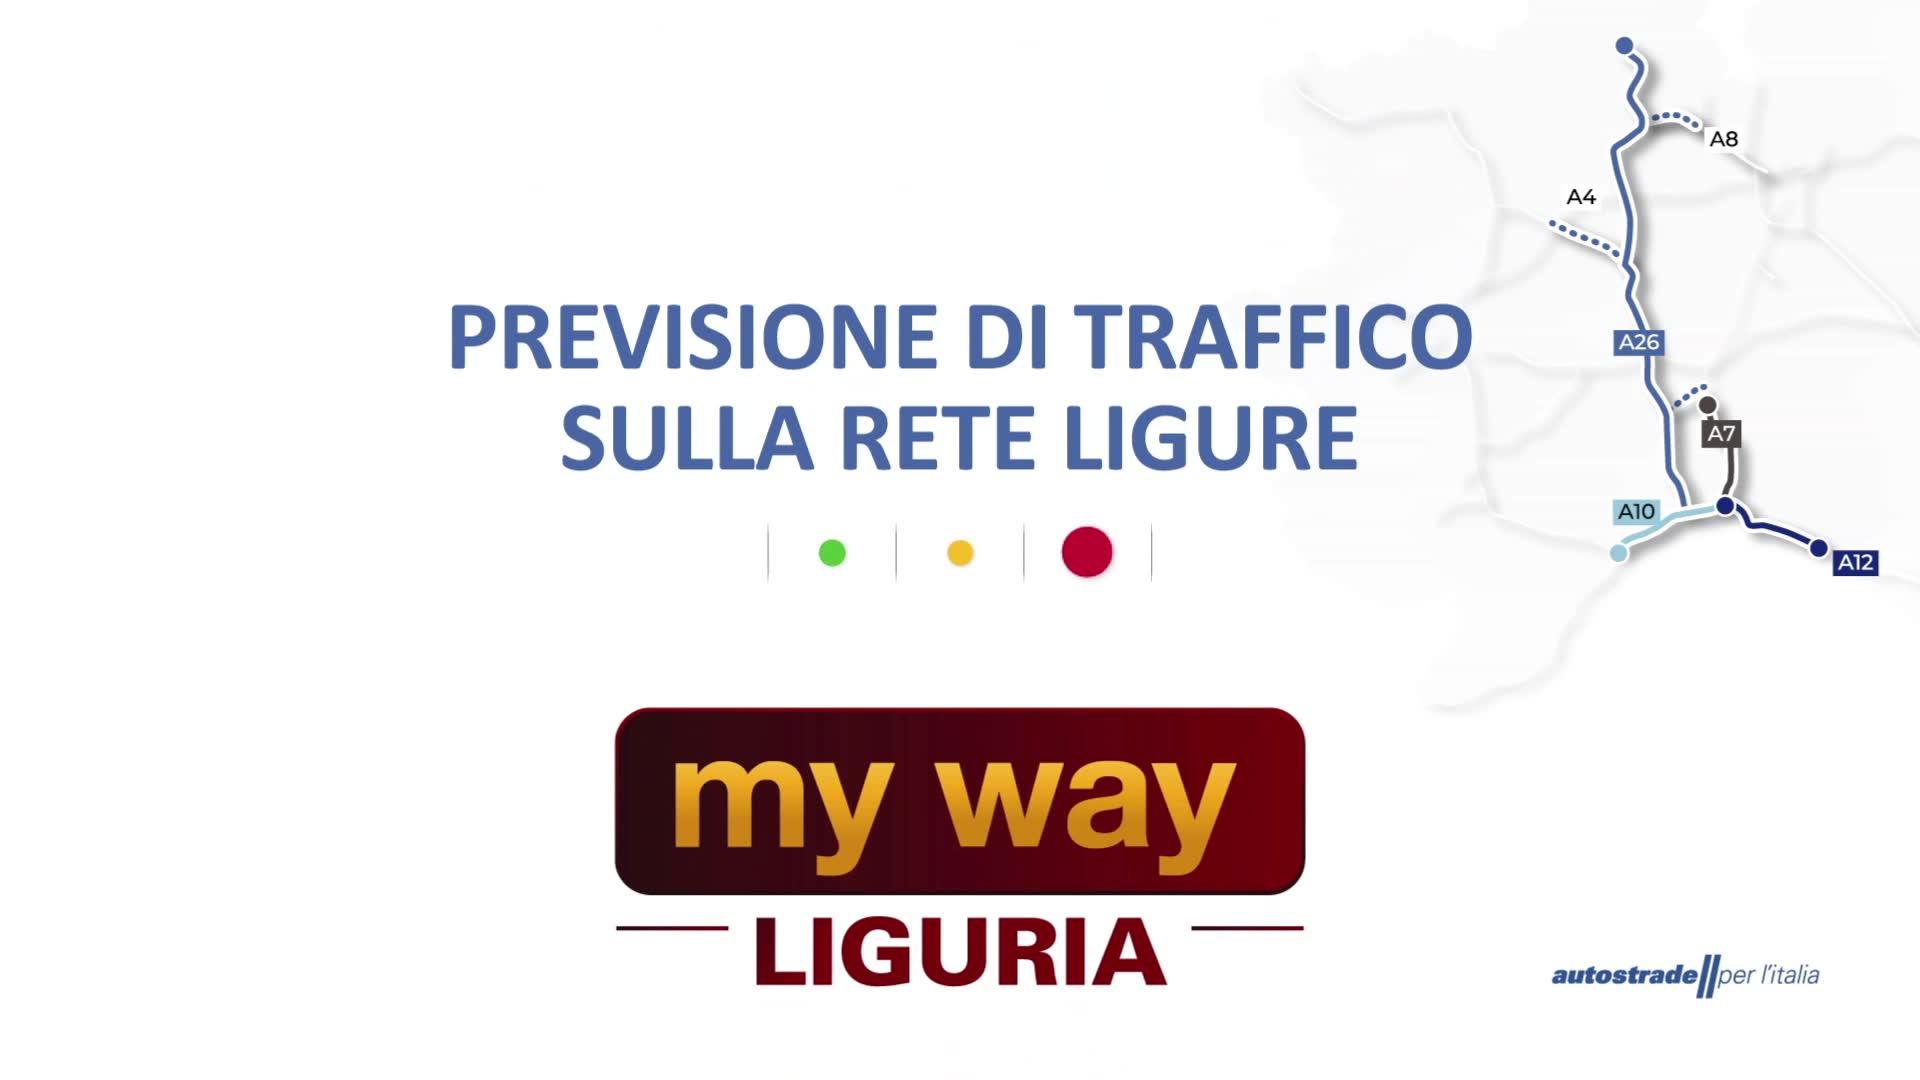 Le previsioni del traffico sulle autostrade liguri per giovedì 28 ottobre